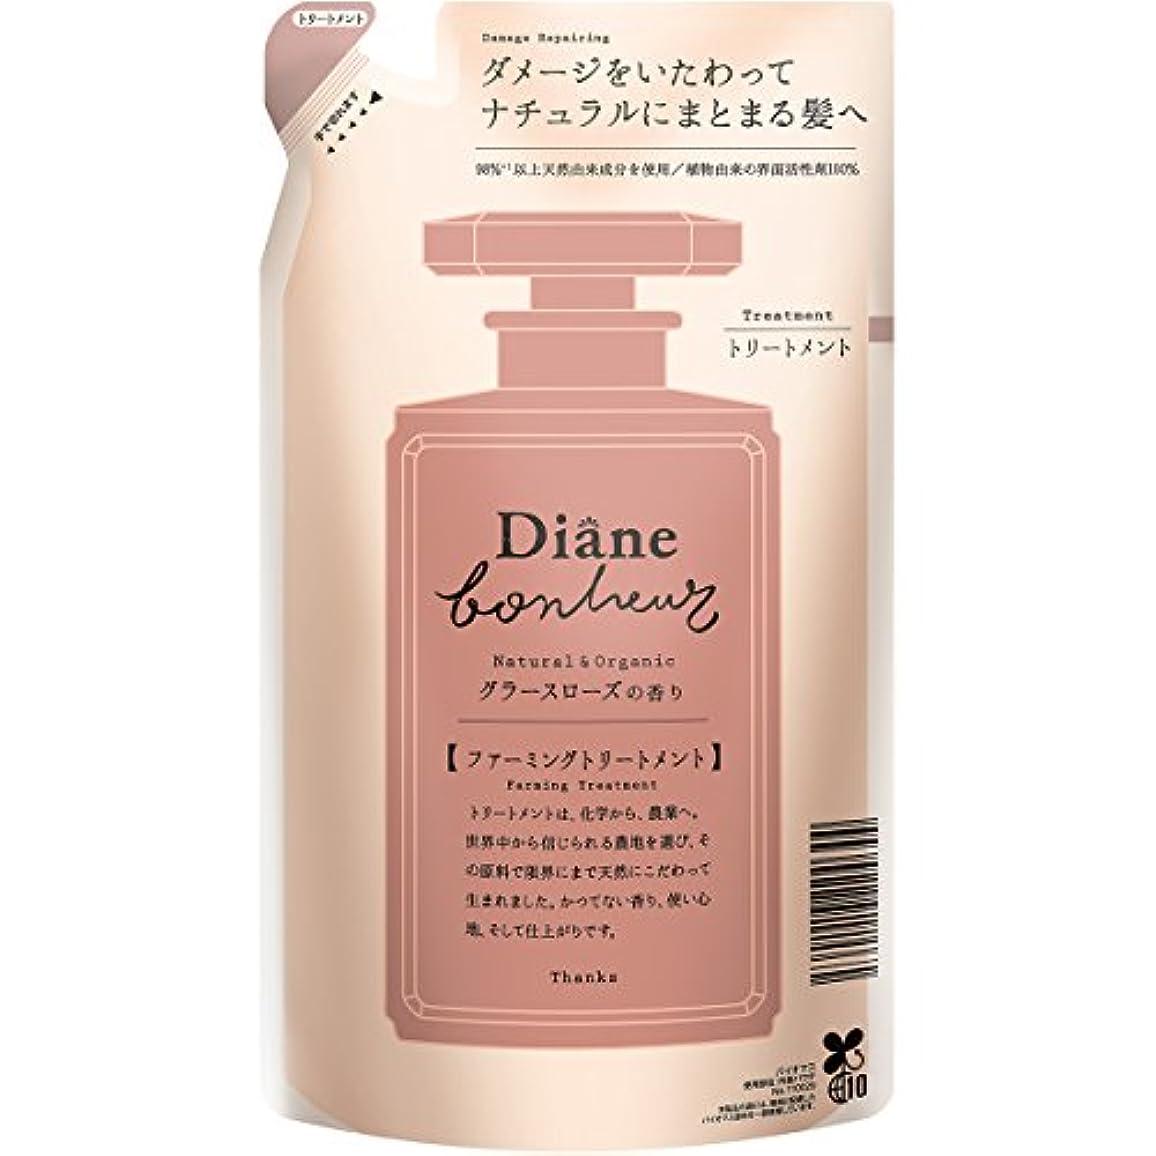 物理的な誘惑する意図するダイアン ボヌール グラースローズの香り ダメージリペア トリートメント 詰め替え 400ml